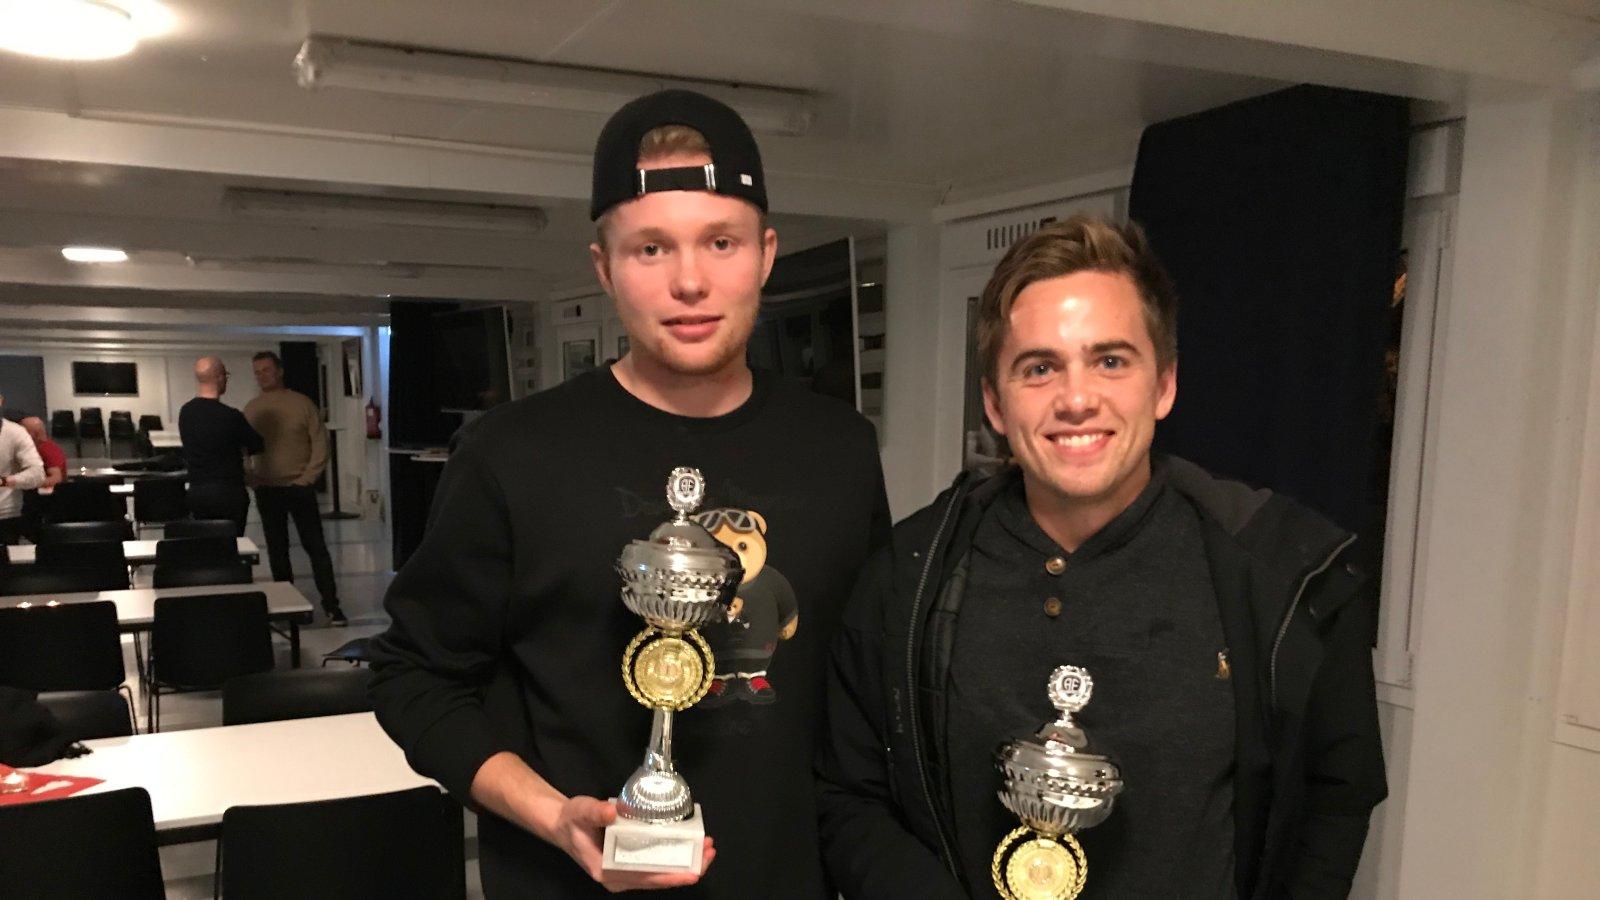 """Fabian Stensrud Ness (t.v.) og Kim Kvaalen fikk priser for henholdsvis """"Årets toppscorer"""" og """"Årets spiller"""" i 2018 i Arendal Fotball."""